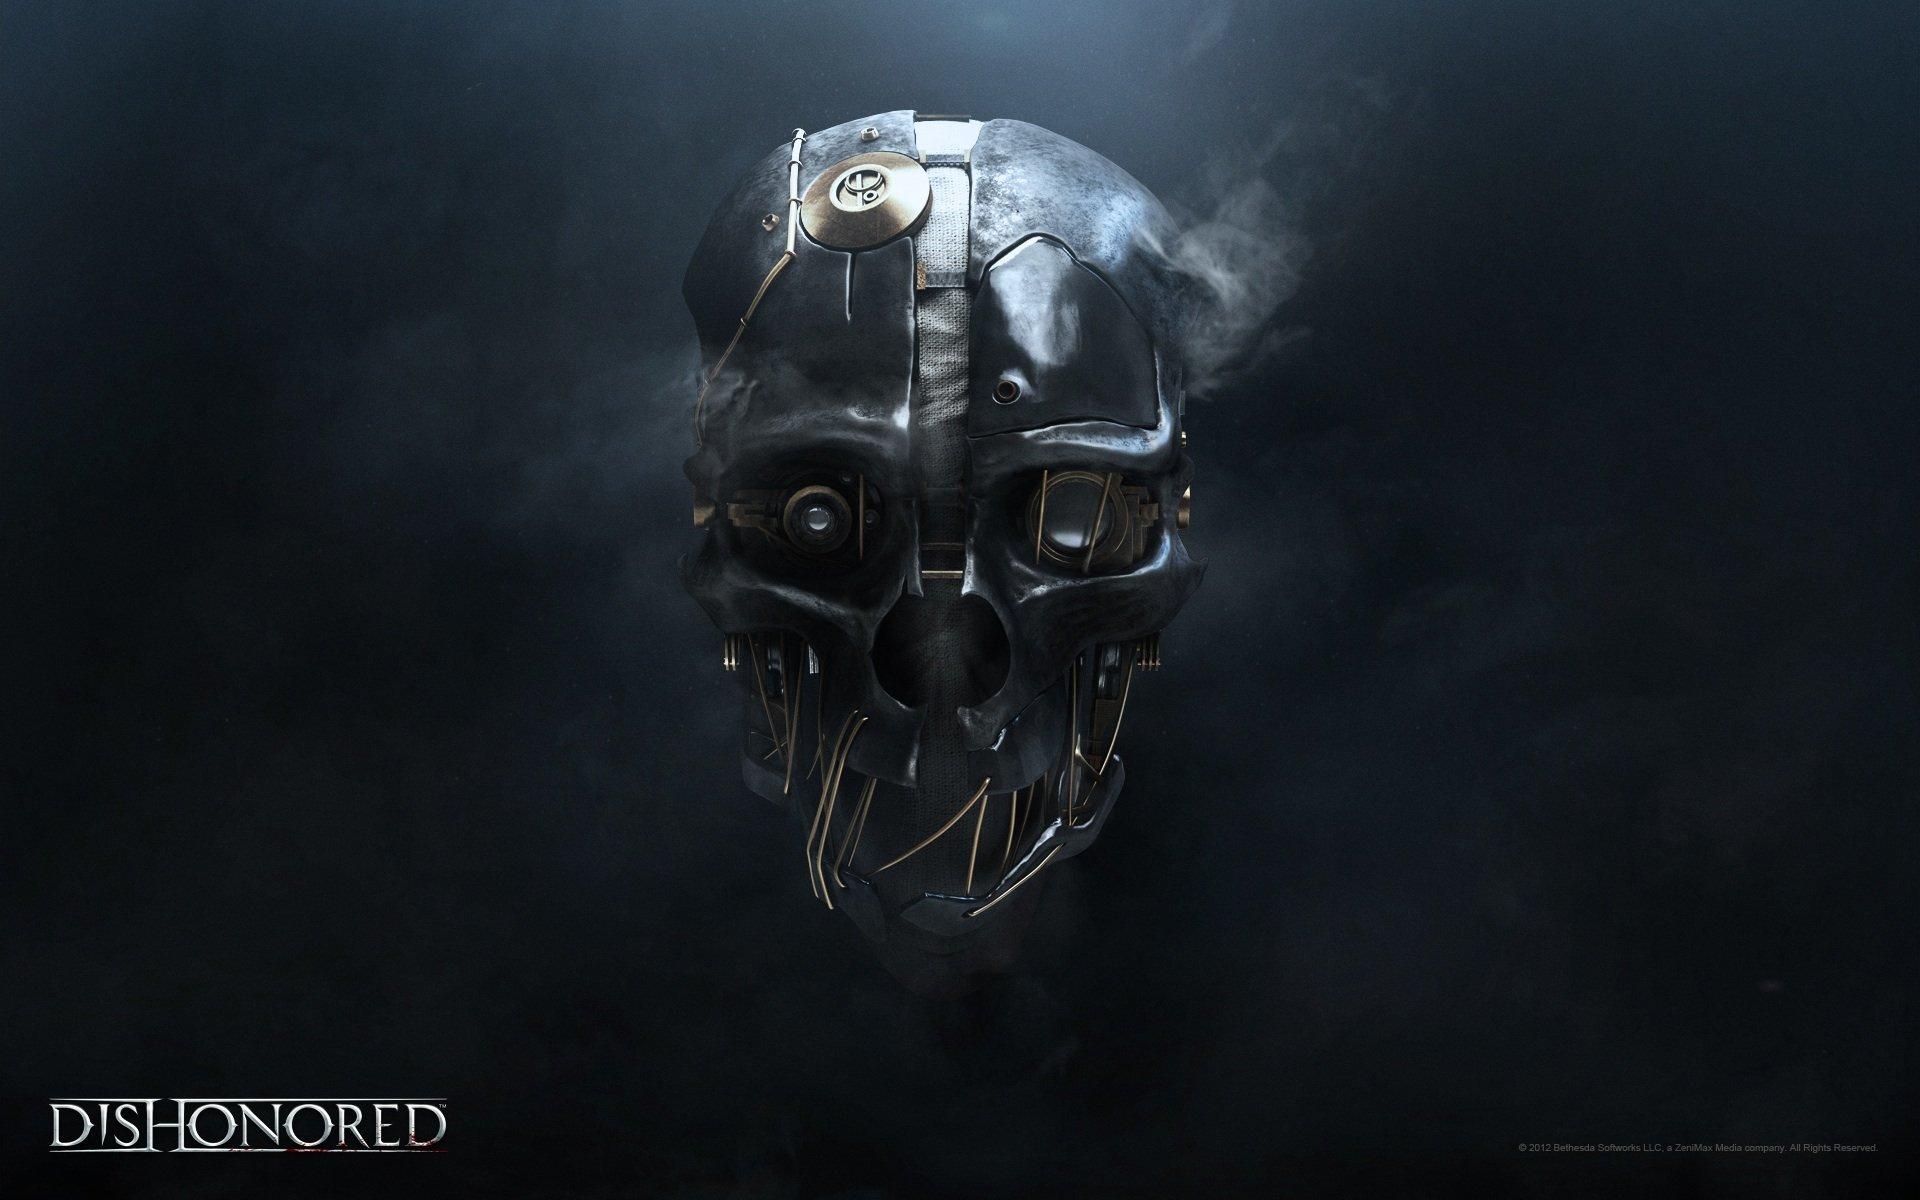 Как известно недавно Британцы дали dishonored игру года, игре которая была слабее любой игры прошлого года. И меня з ... - Изображение 1